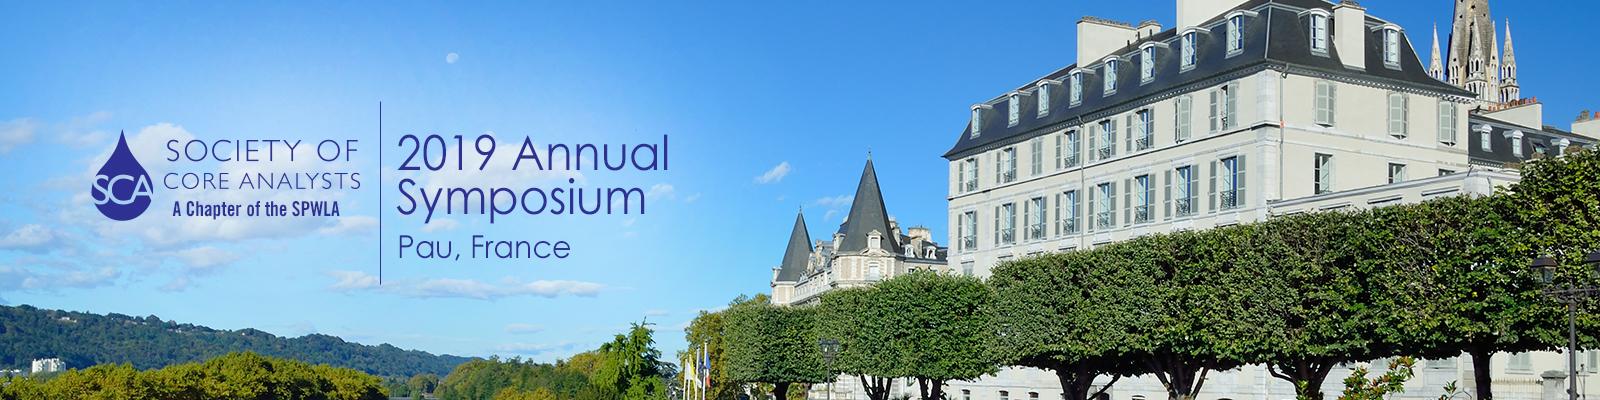 SCA Annual Symposium